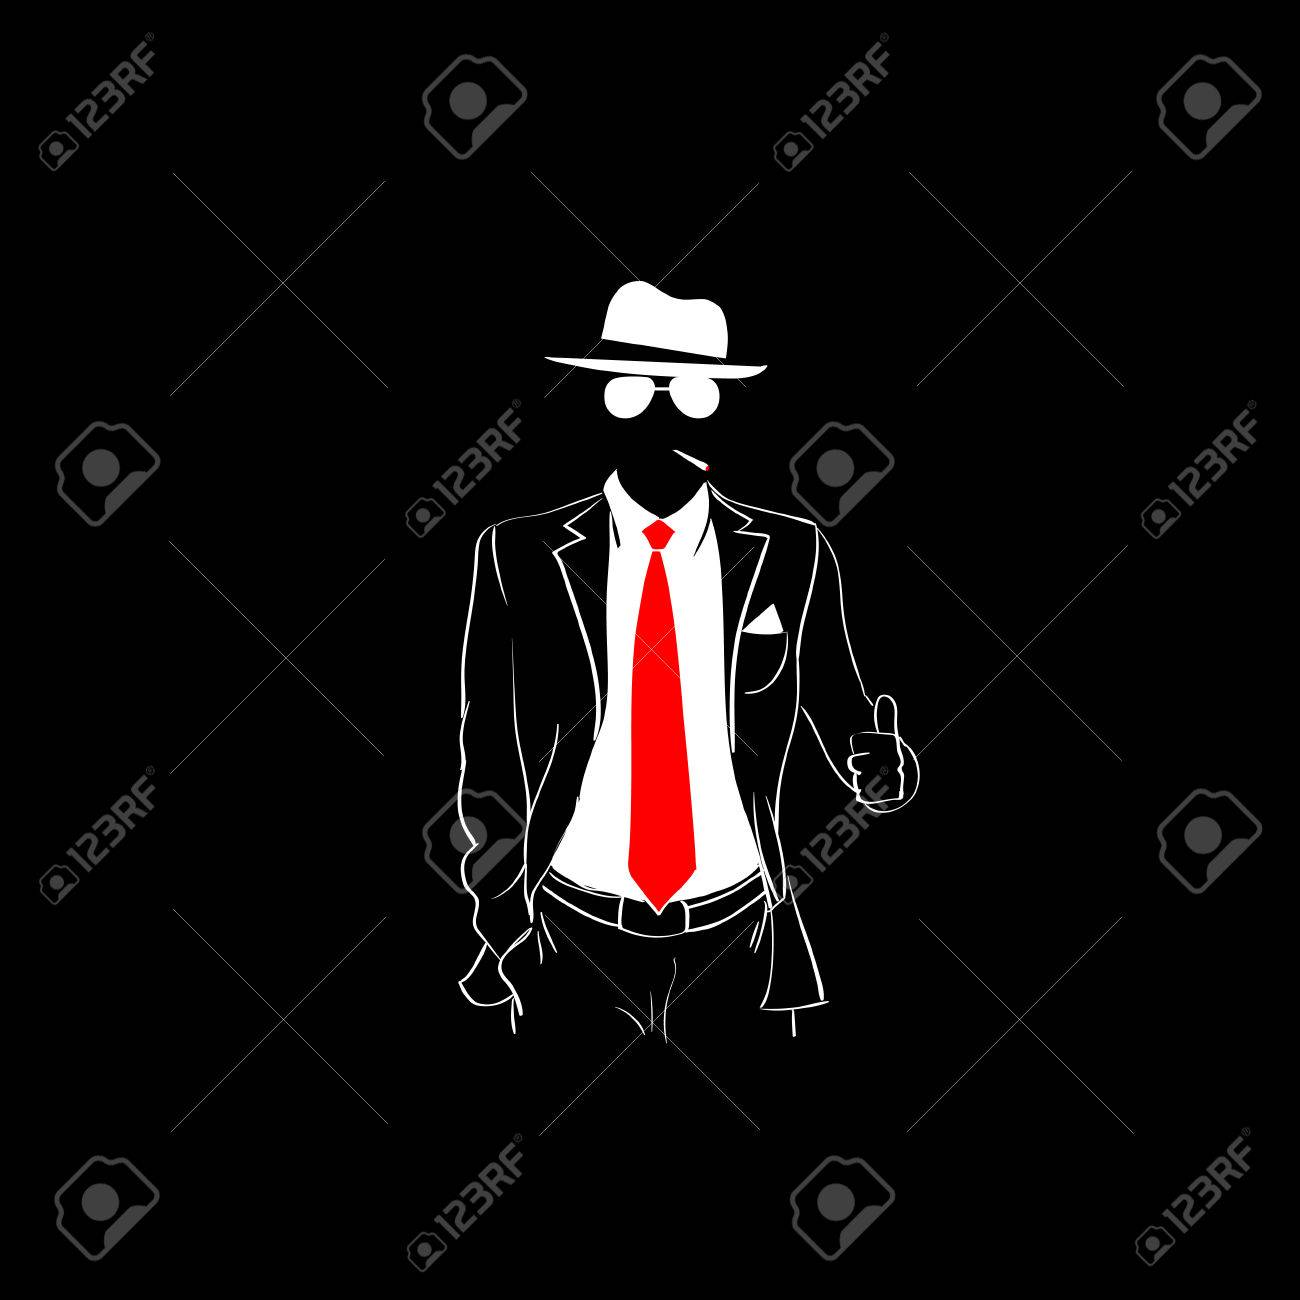 Foto de archivo - Hombre de la silueta traje rojo corbata Use anteojos  blanco pulgar de gestos Fondo Negro Ilustración Esquema Vector del contorno d2b782112fe